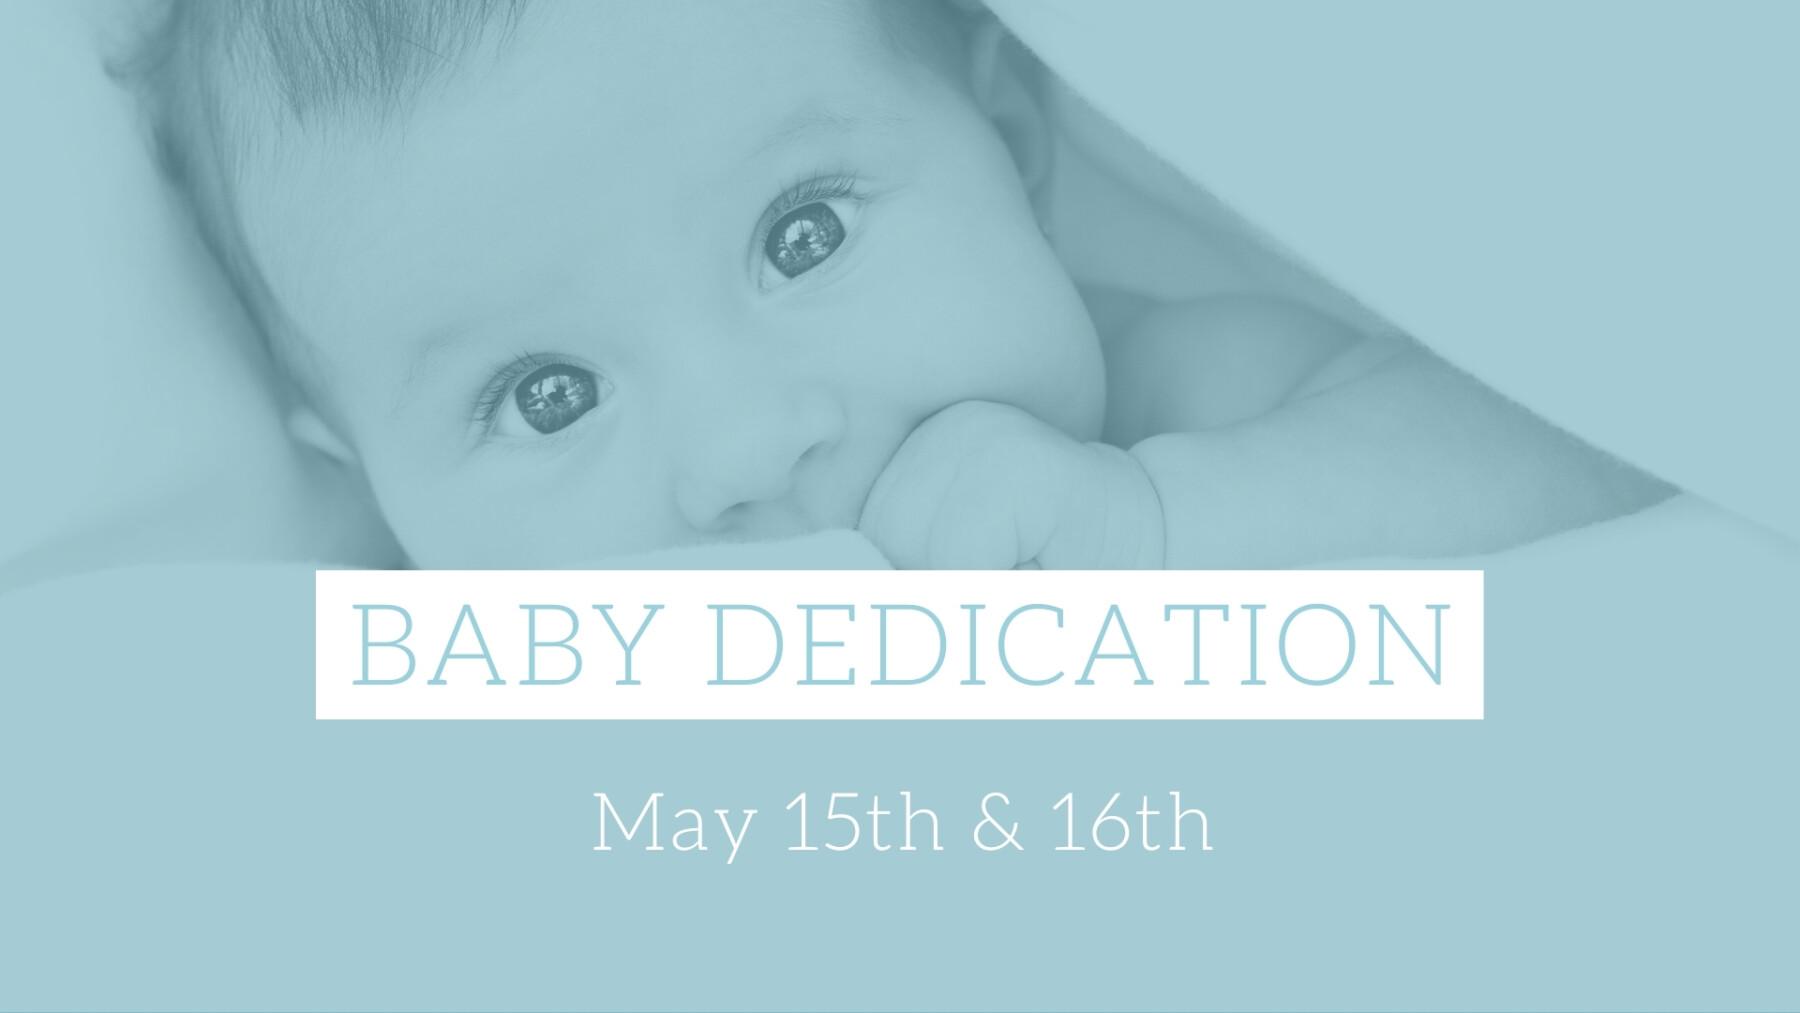 Baby Dedication - Saturday, May 15th & Sunday, May 16th